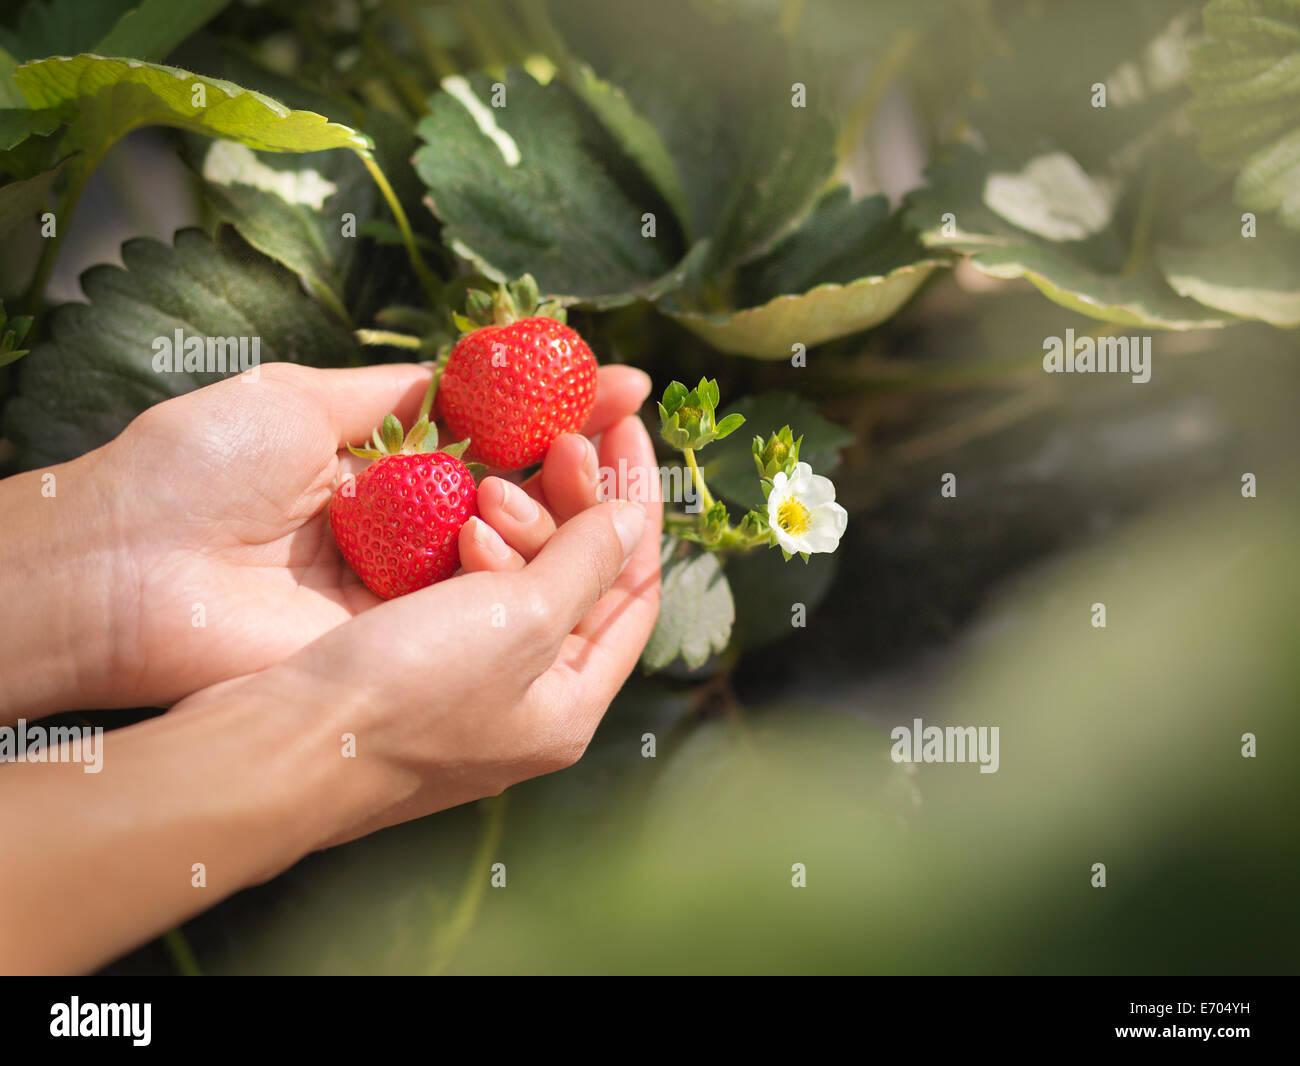 Nahaufnahme von Händen mit Erdbeeren auf Obsthof Stockbild